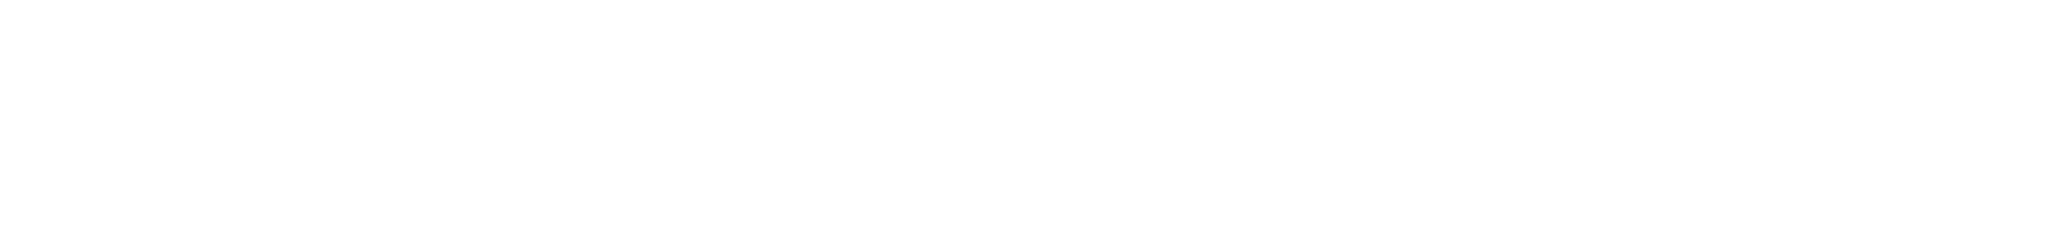 FoT_05E_tekst_About.you